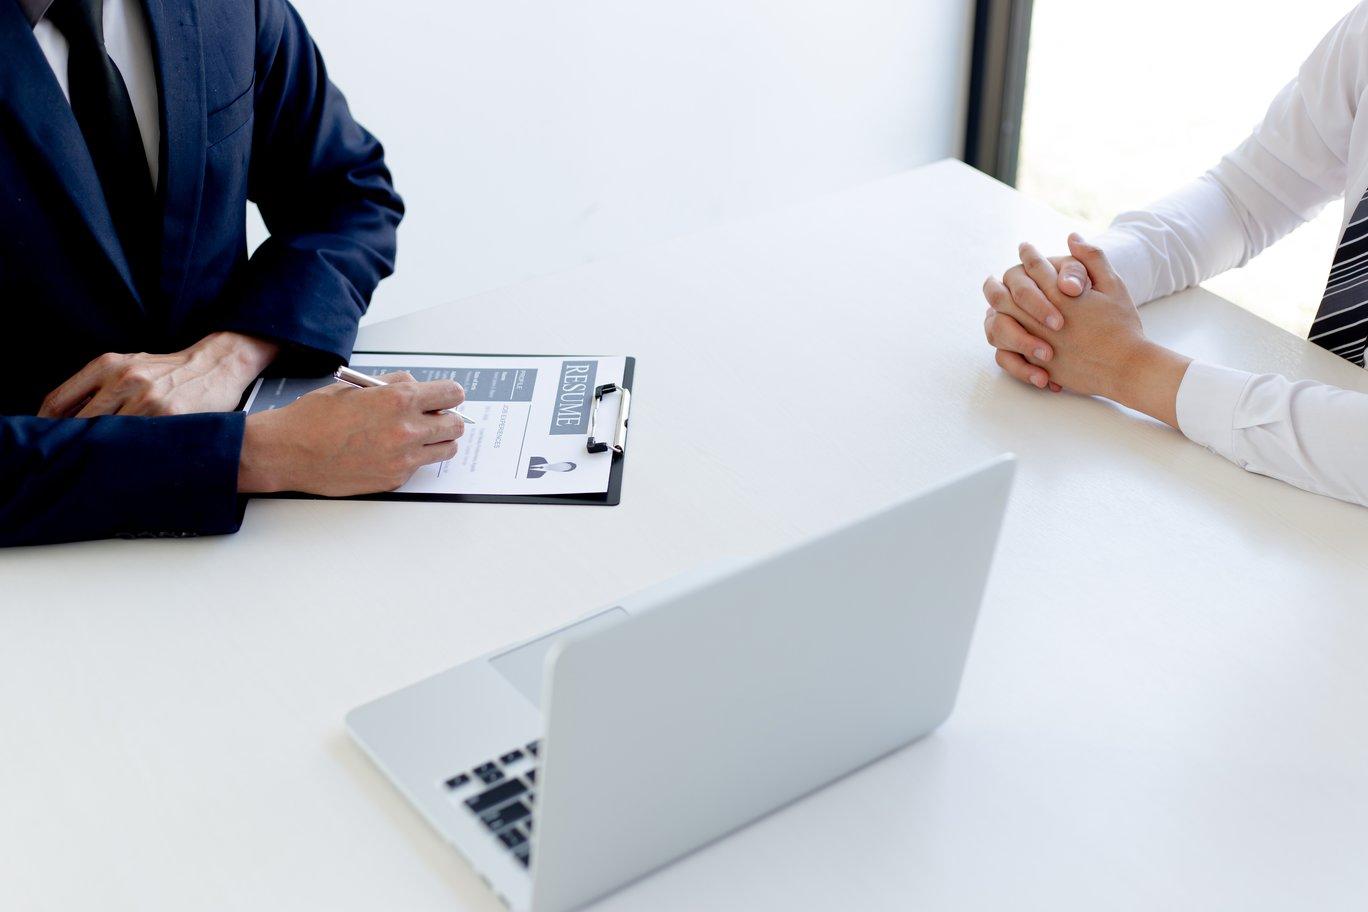 Jibser datagedreven Recruitment marketing